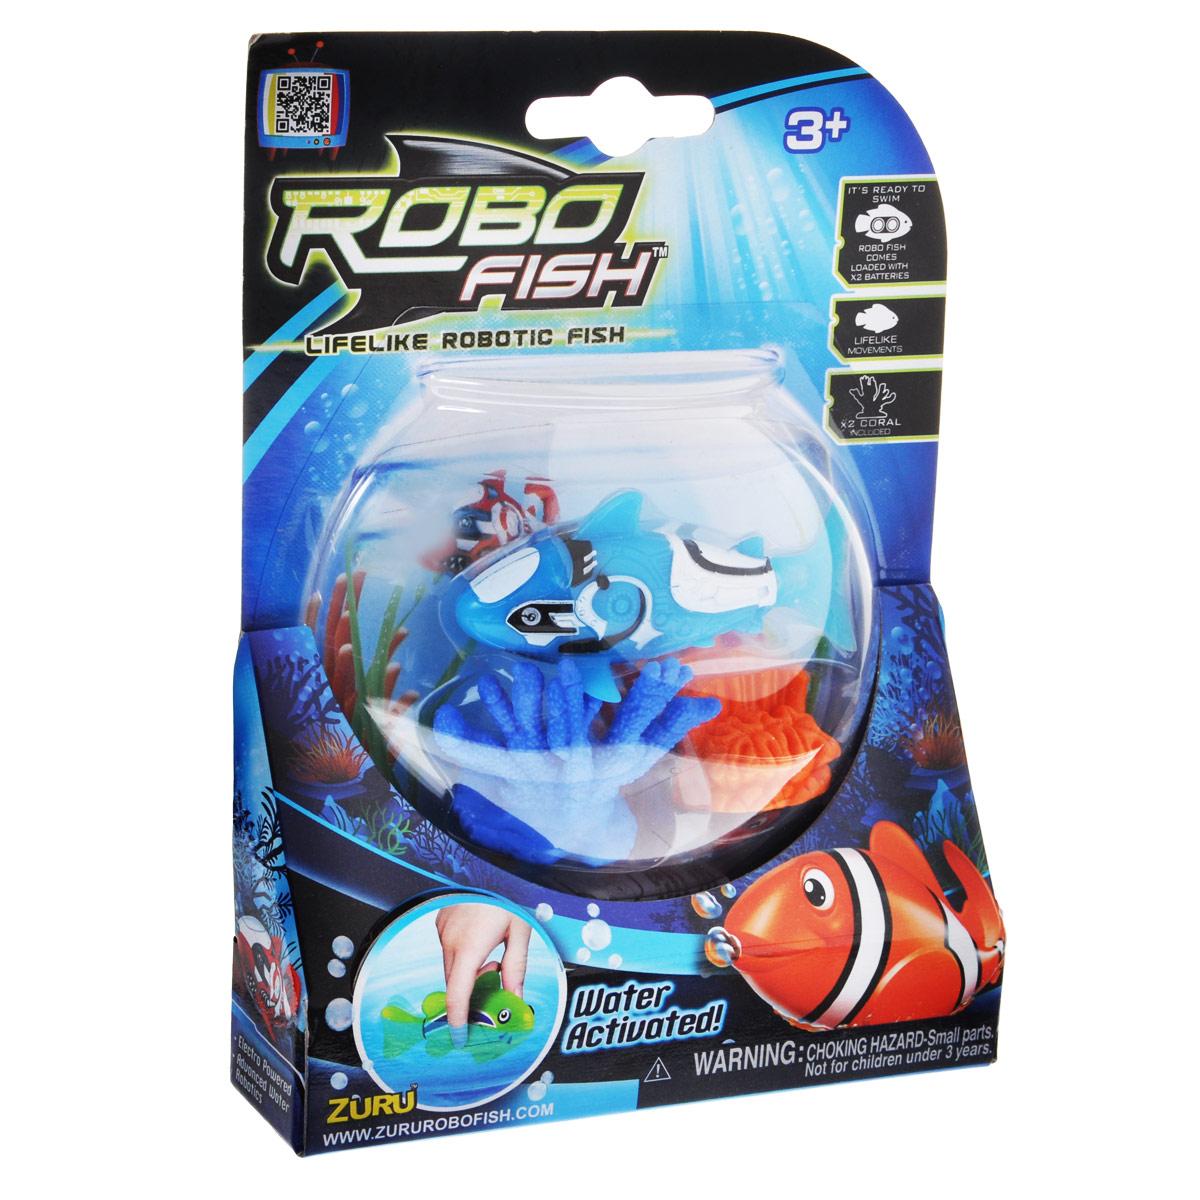 Игрушка для ванны Robofish РобоРыбка с двумя кораллами, цвет: голубой2538Игрушка для ванны Robofish РобоРыбка с двумя кораллами понравится вашему малышу и превратит купание в веселую игру. Она выполнена из безопасного пластика в виде маленькой красочной рыбки. Игрушка активируется в воде и имитирует движения и повадки рыбы. Электромагнитный мотор позволяет рыбке двигаться в пяти направлениях. При погружении в аквариум или другую емкостью с водой РобоРыбка начинает плавать, опускаясь ко дну и поднимаясь к поверхности воды. Внутри рыбки находится специальный грузик, регулирующий глубину ее погружения. Если рыбка плавает на дне, не всплывая, - уберите грузик; если на поверхности - добавьте грузик. В комплект также входят два элемента в виде ярких кораллов. Порадуйте вашего ребенка таким замечательным подарком! Игрушка работает от 2 батареек напряжением 1,5V типа LR44 (2 установлены в игрушку и 2 запасные).